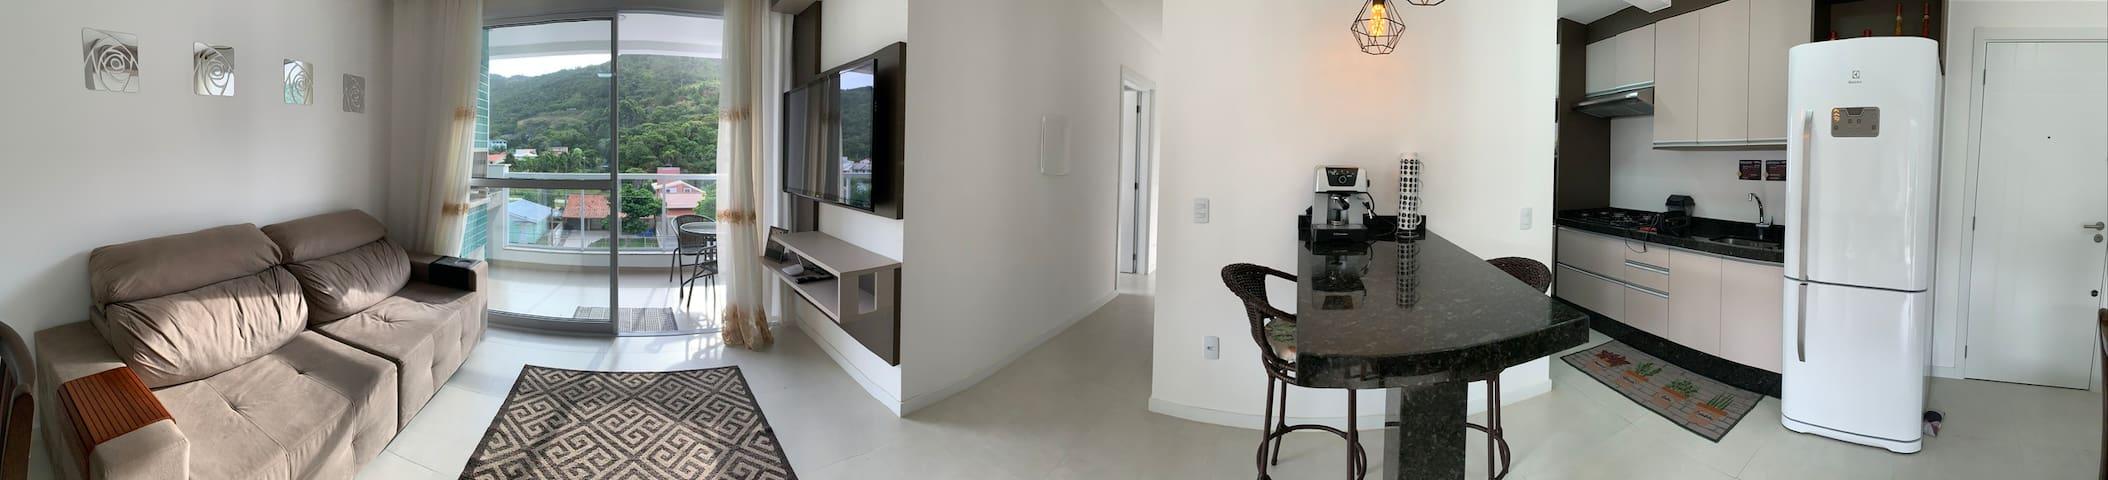 Lindo apartamento muito próximo à praia de palmas.